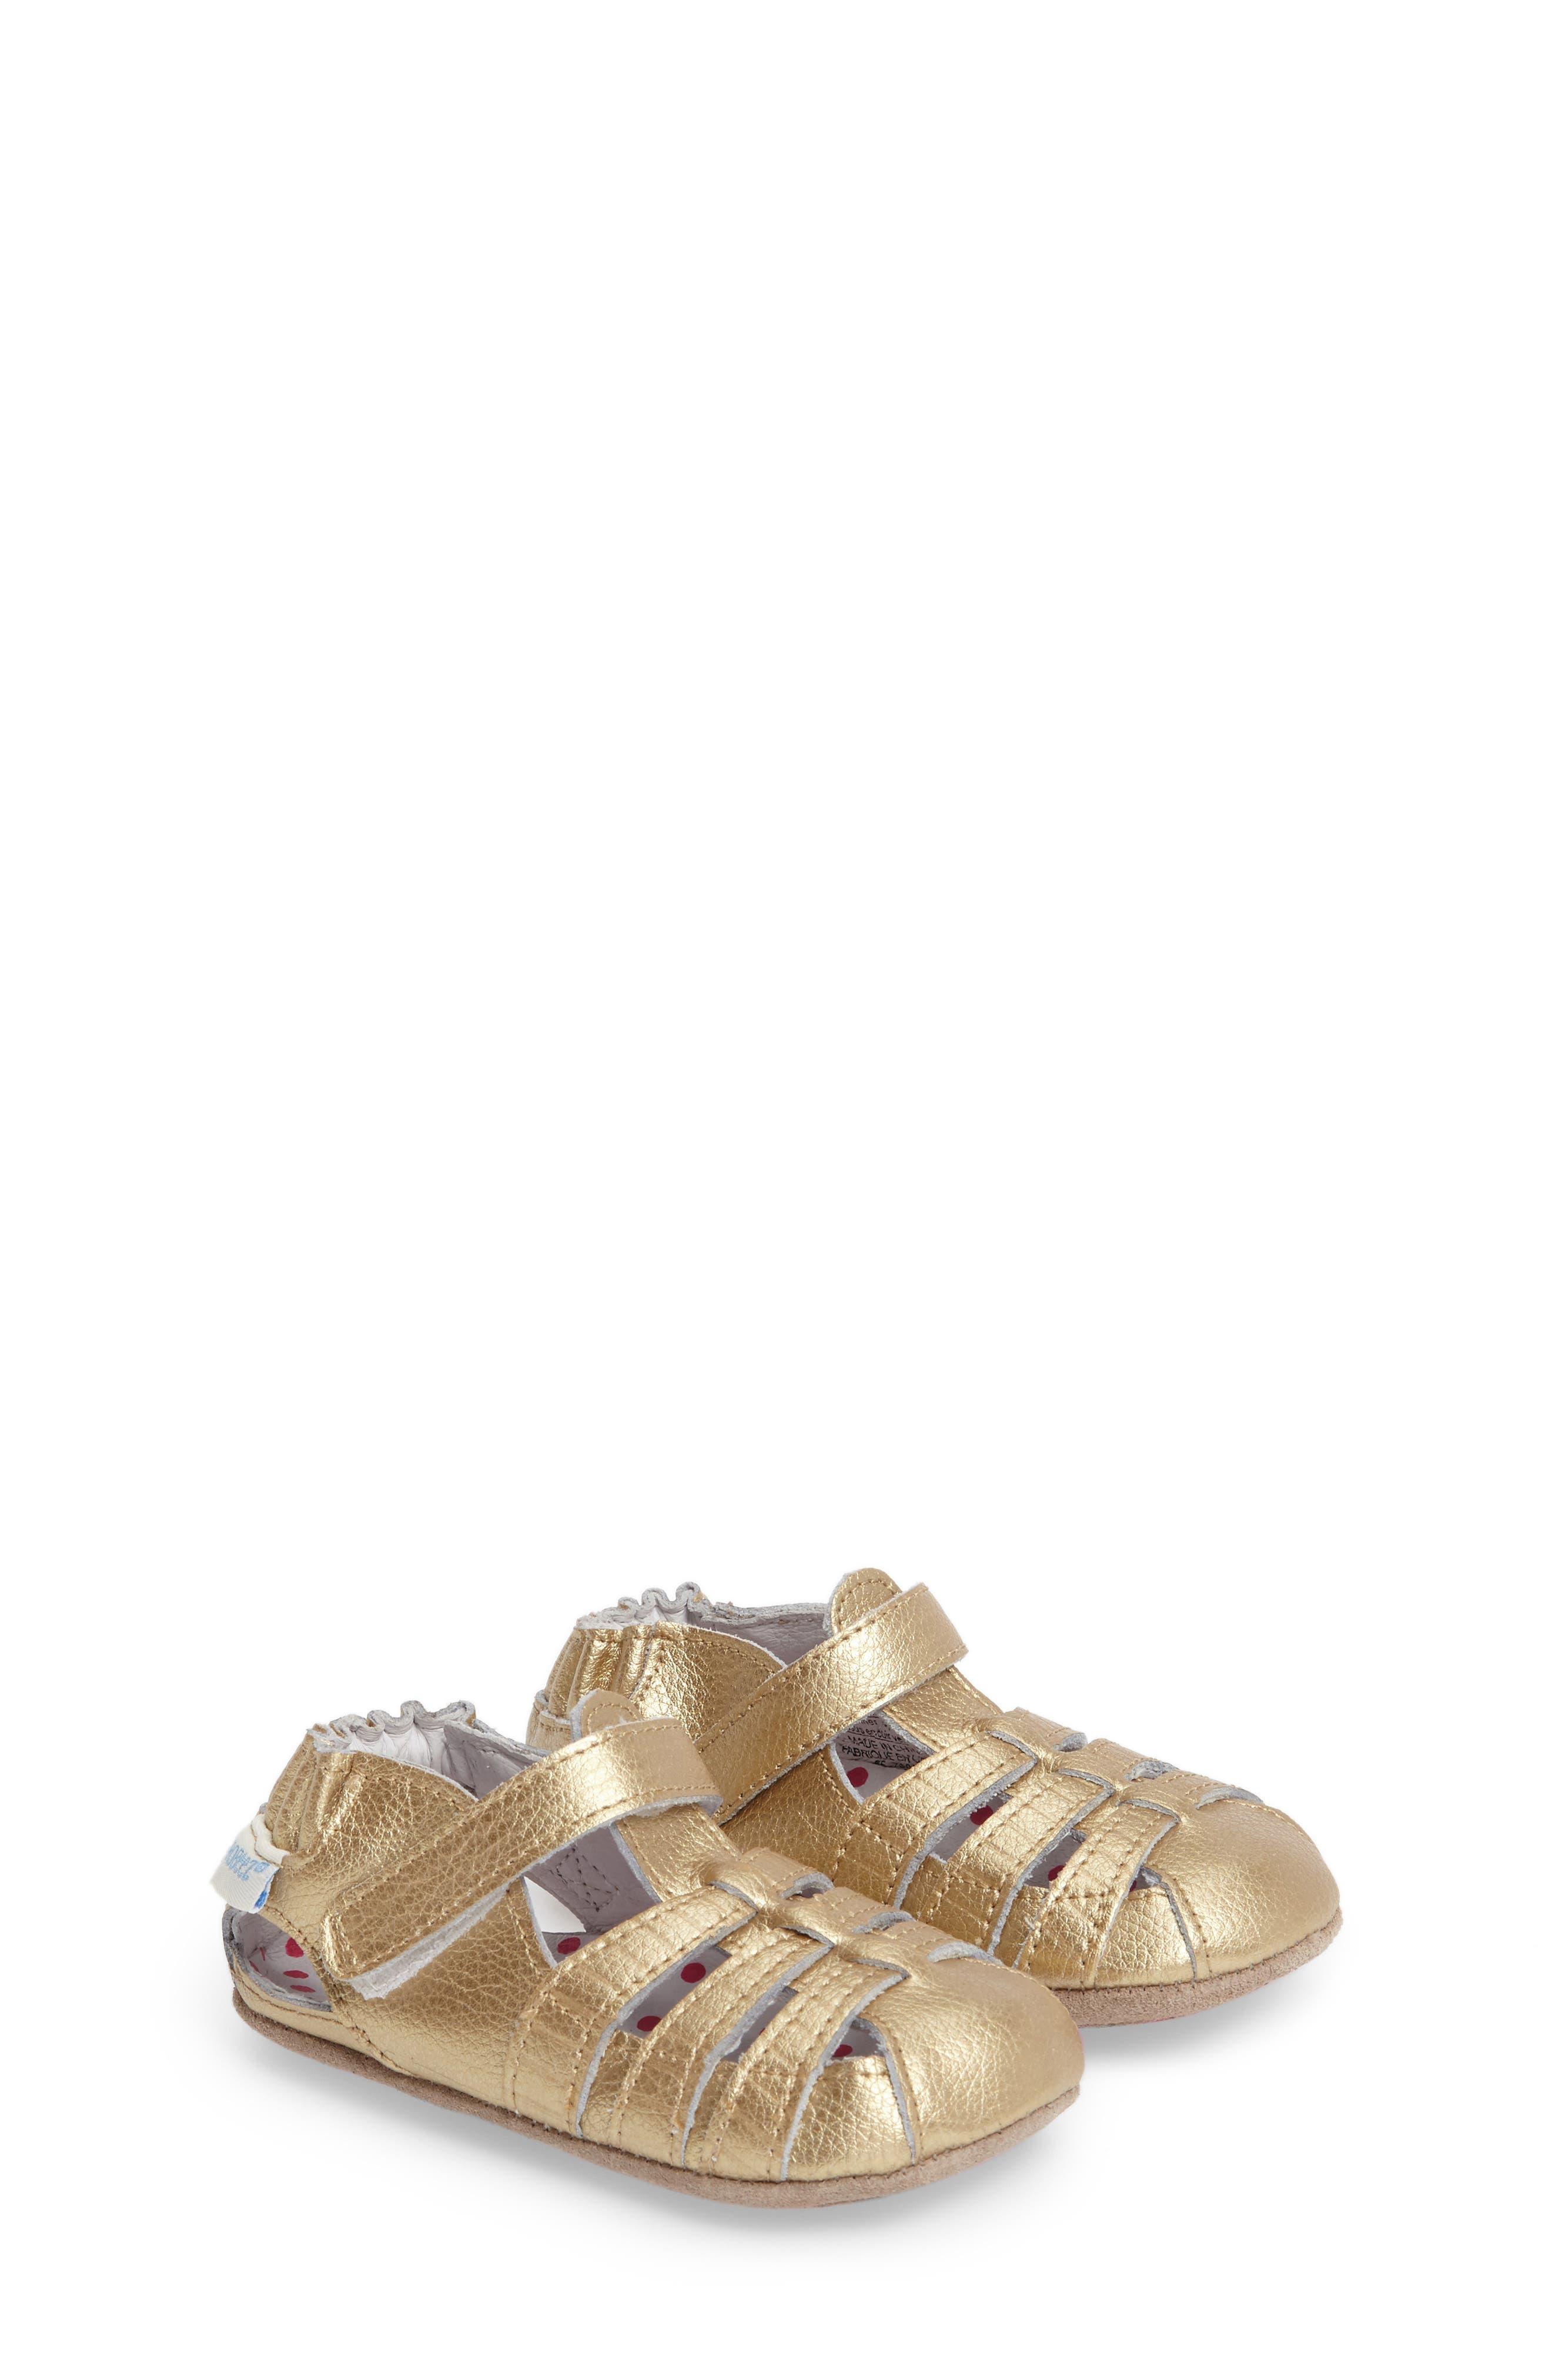 Paris Crib Shoe,                         Main,                         color, GOLD